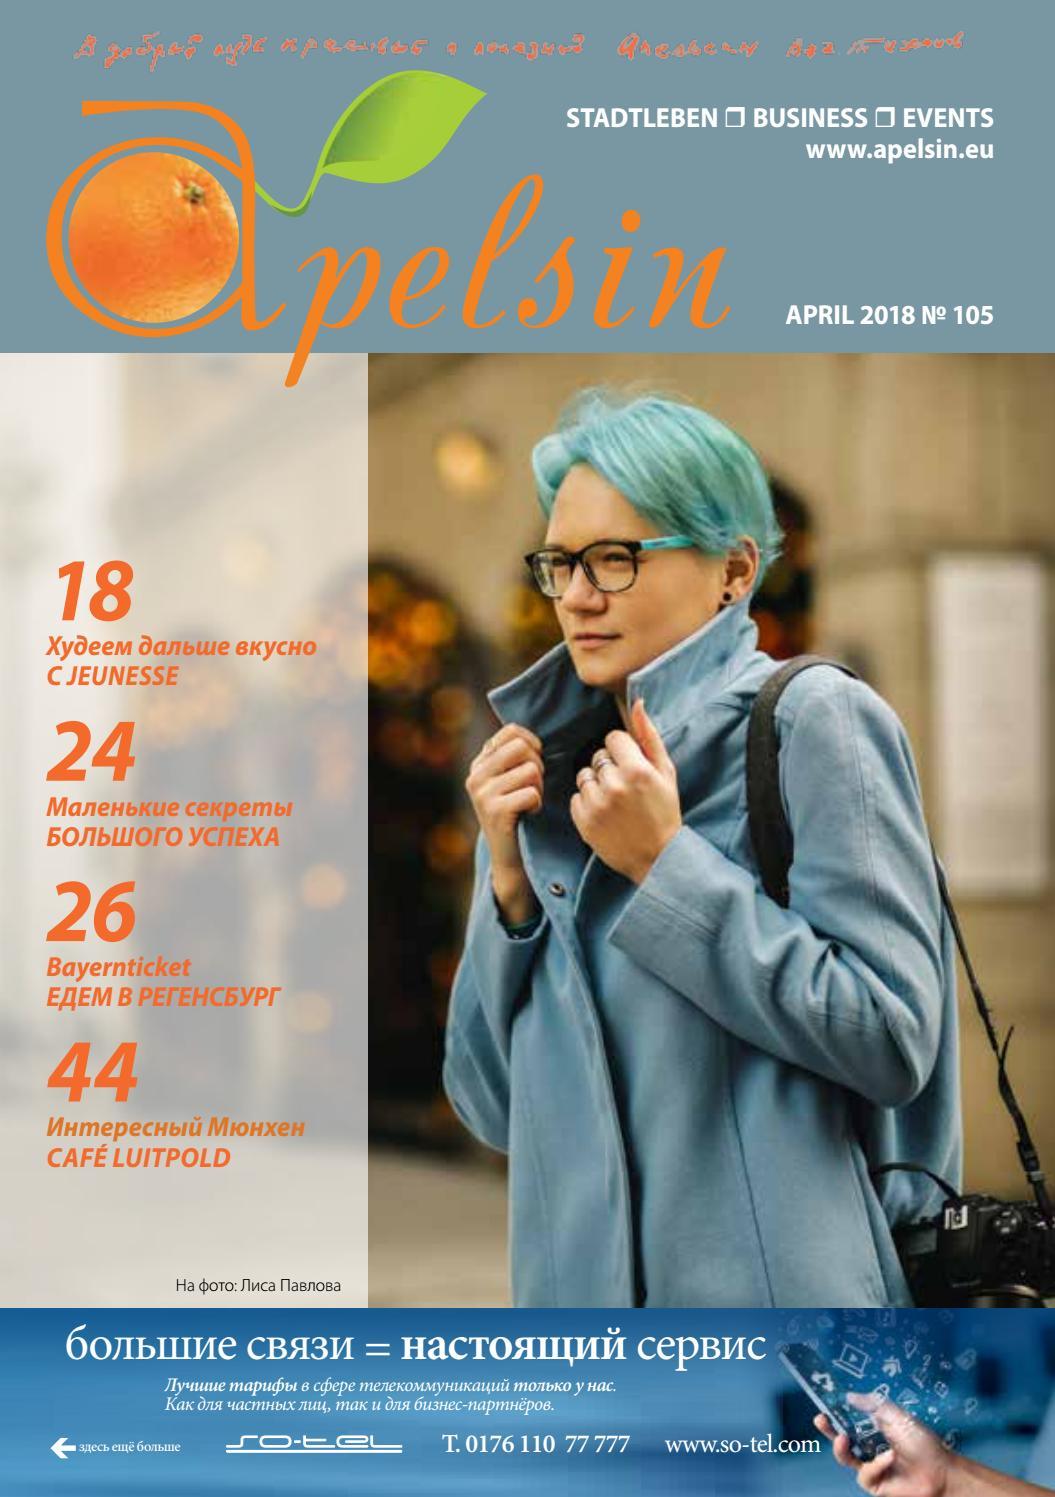 """Журнал """"Апельсин"""". Апрель 2018. №105 by apelsin_eu - issuu"""